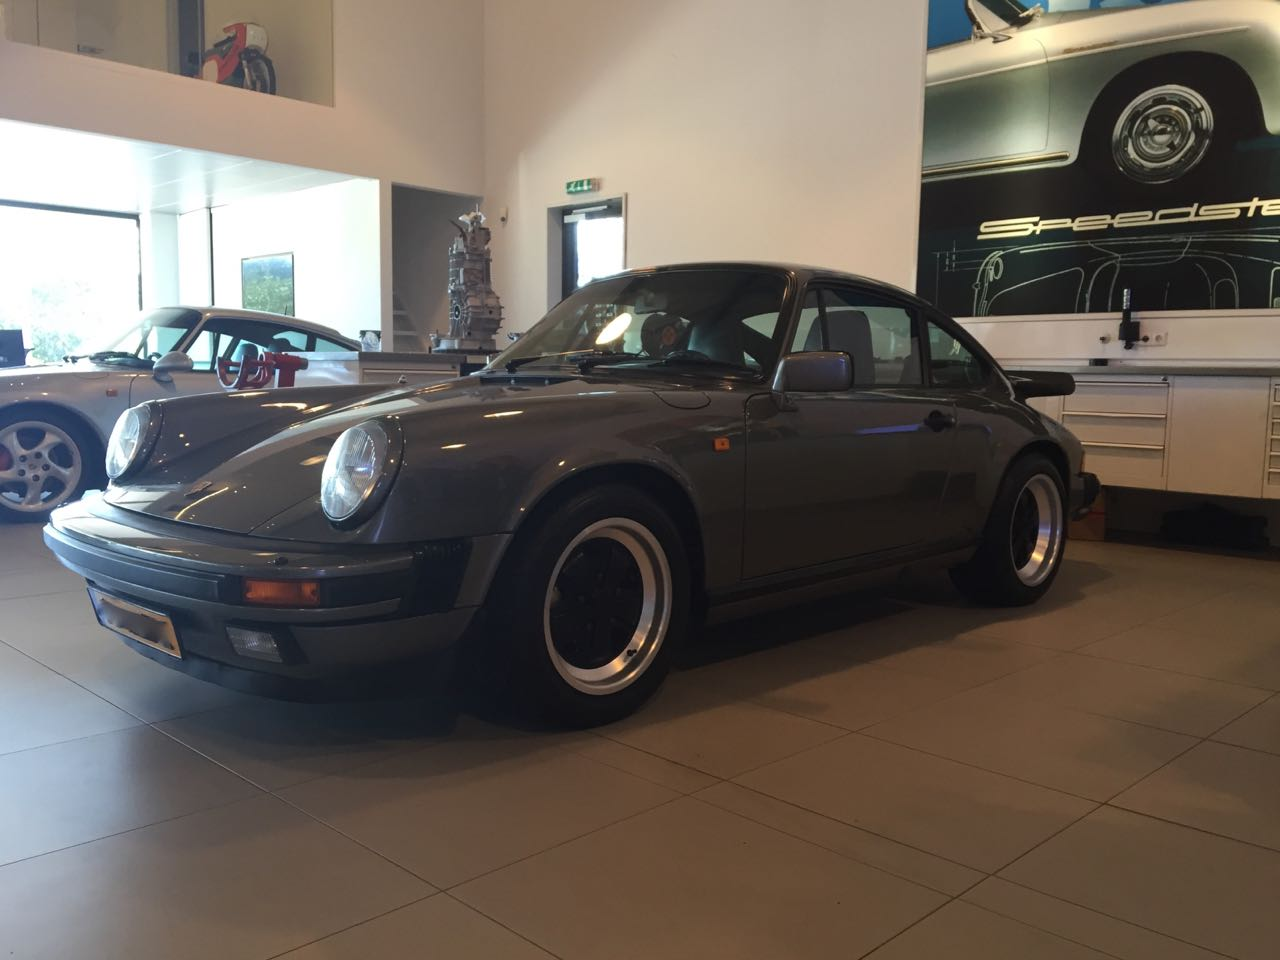 911 youngtimer - Porsche 911 Carrera G50 - 1987 - Felsengruen 3